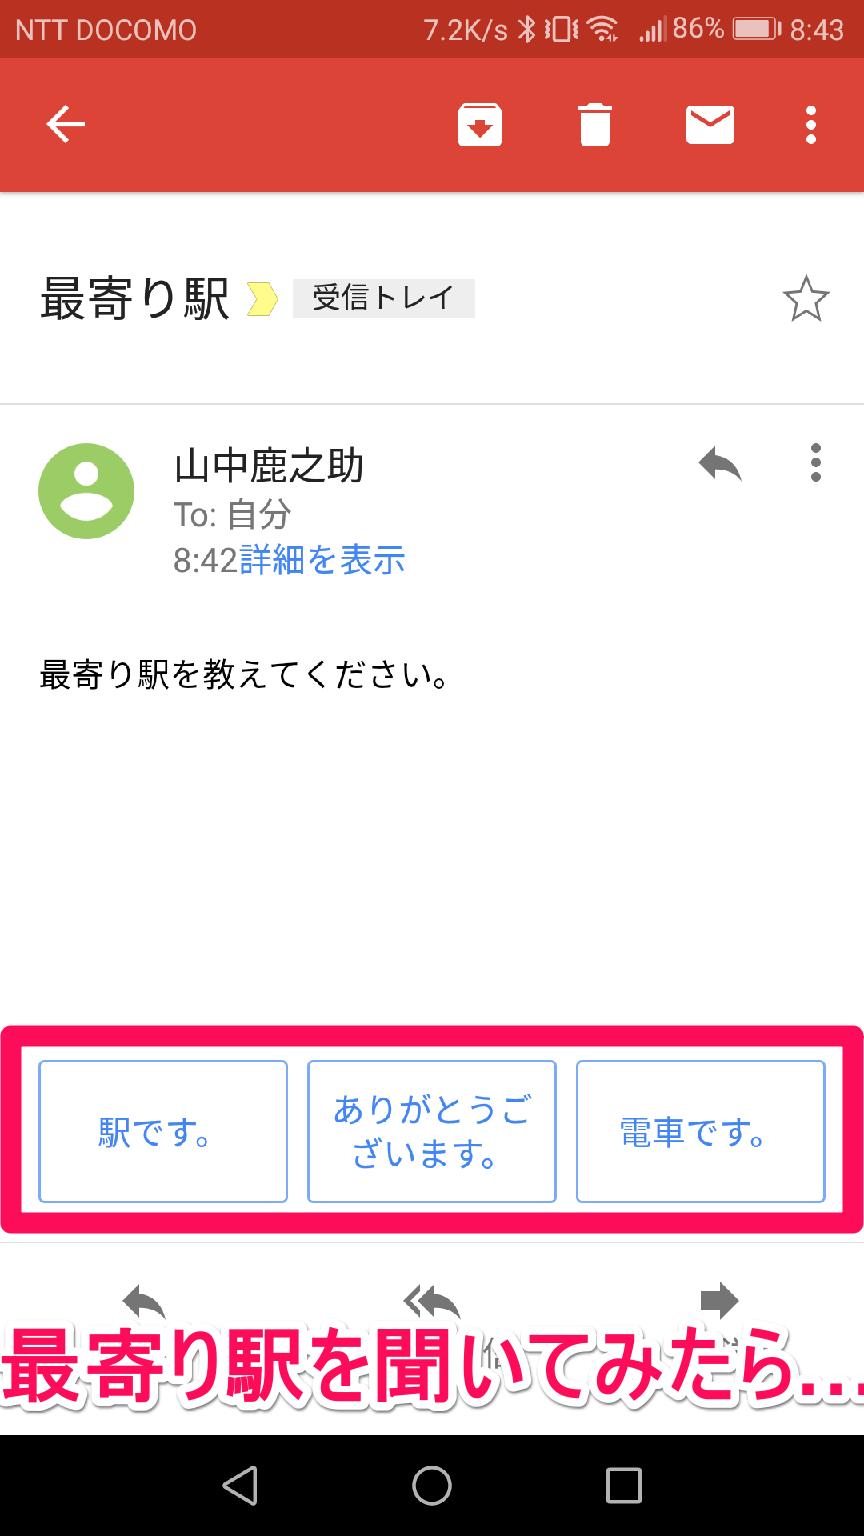 Gmail(ジーメール)のSmart Reply(スマートリプライ)で最寄り駅を聞いてみた画面